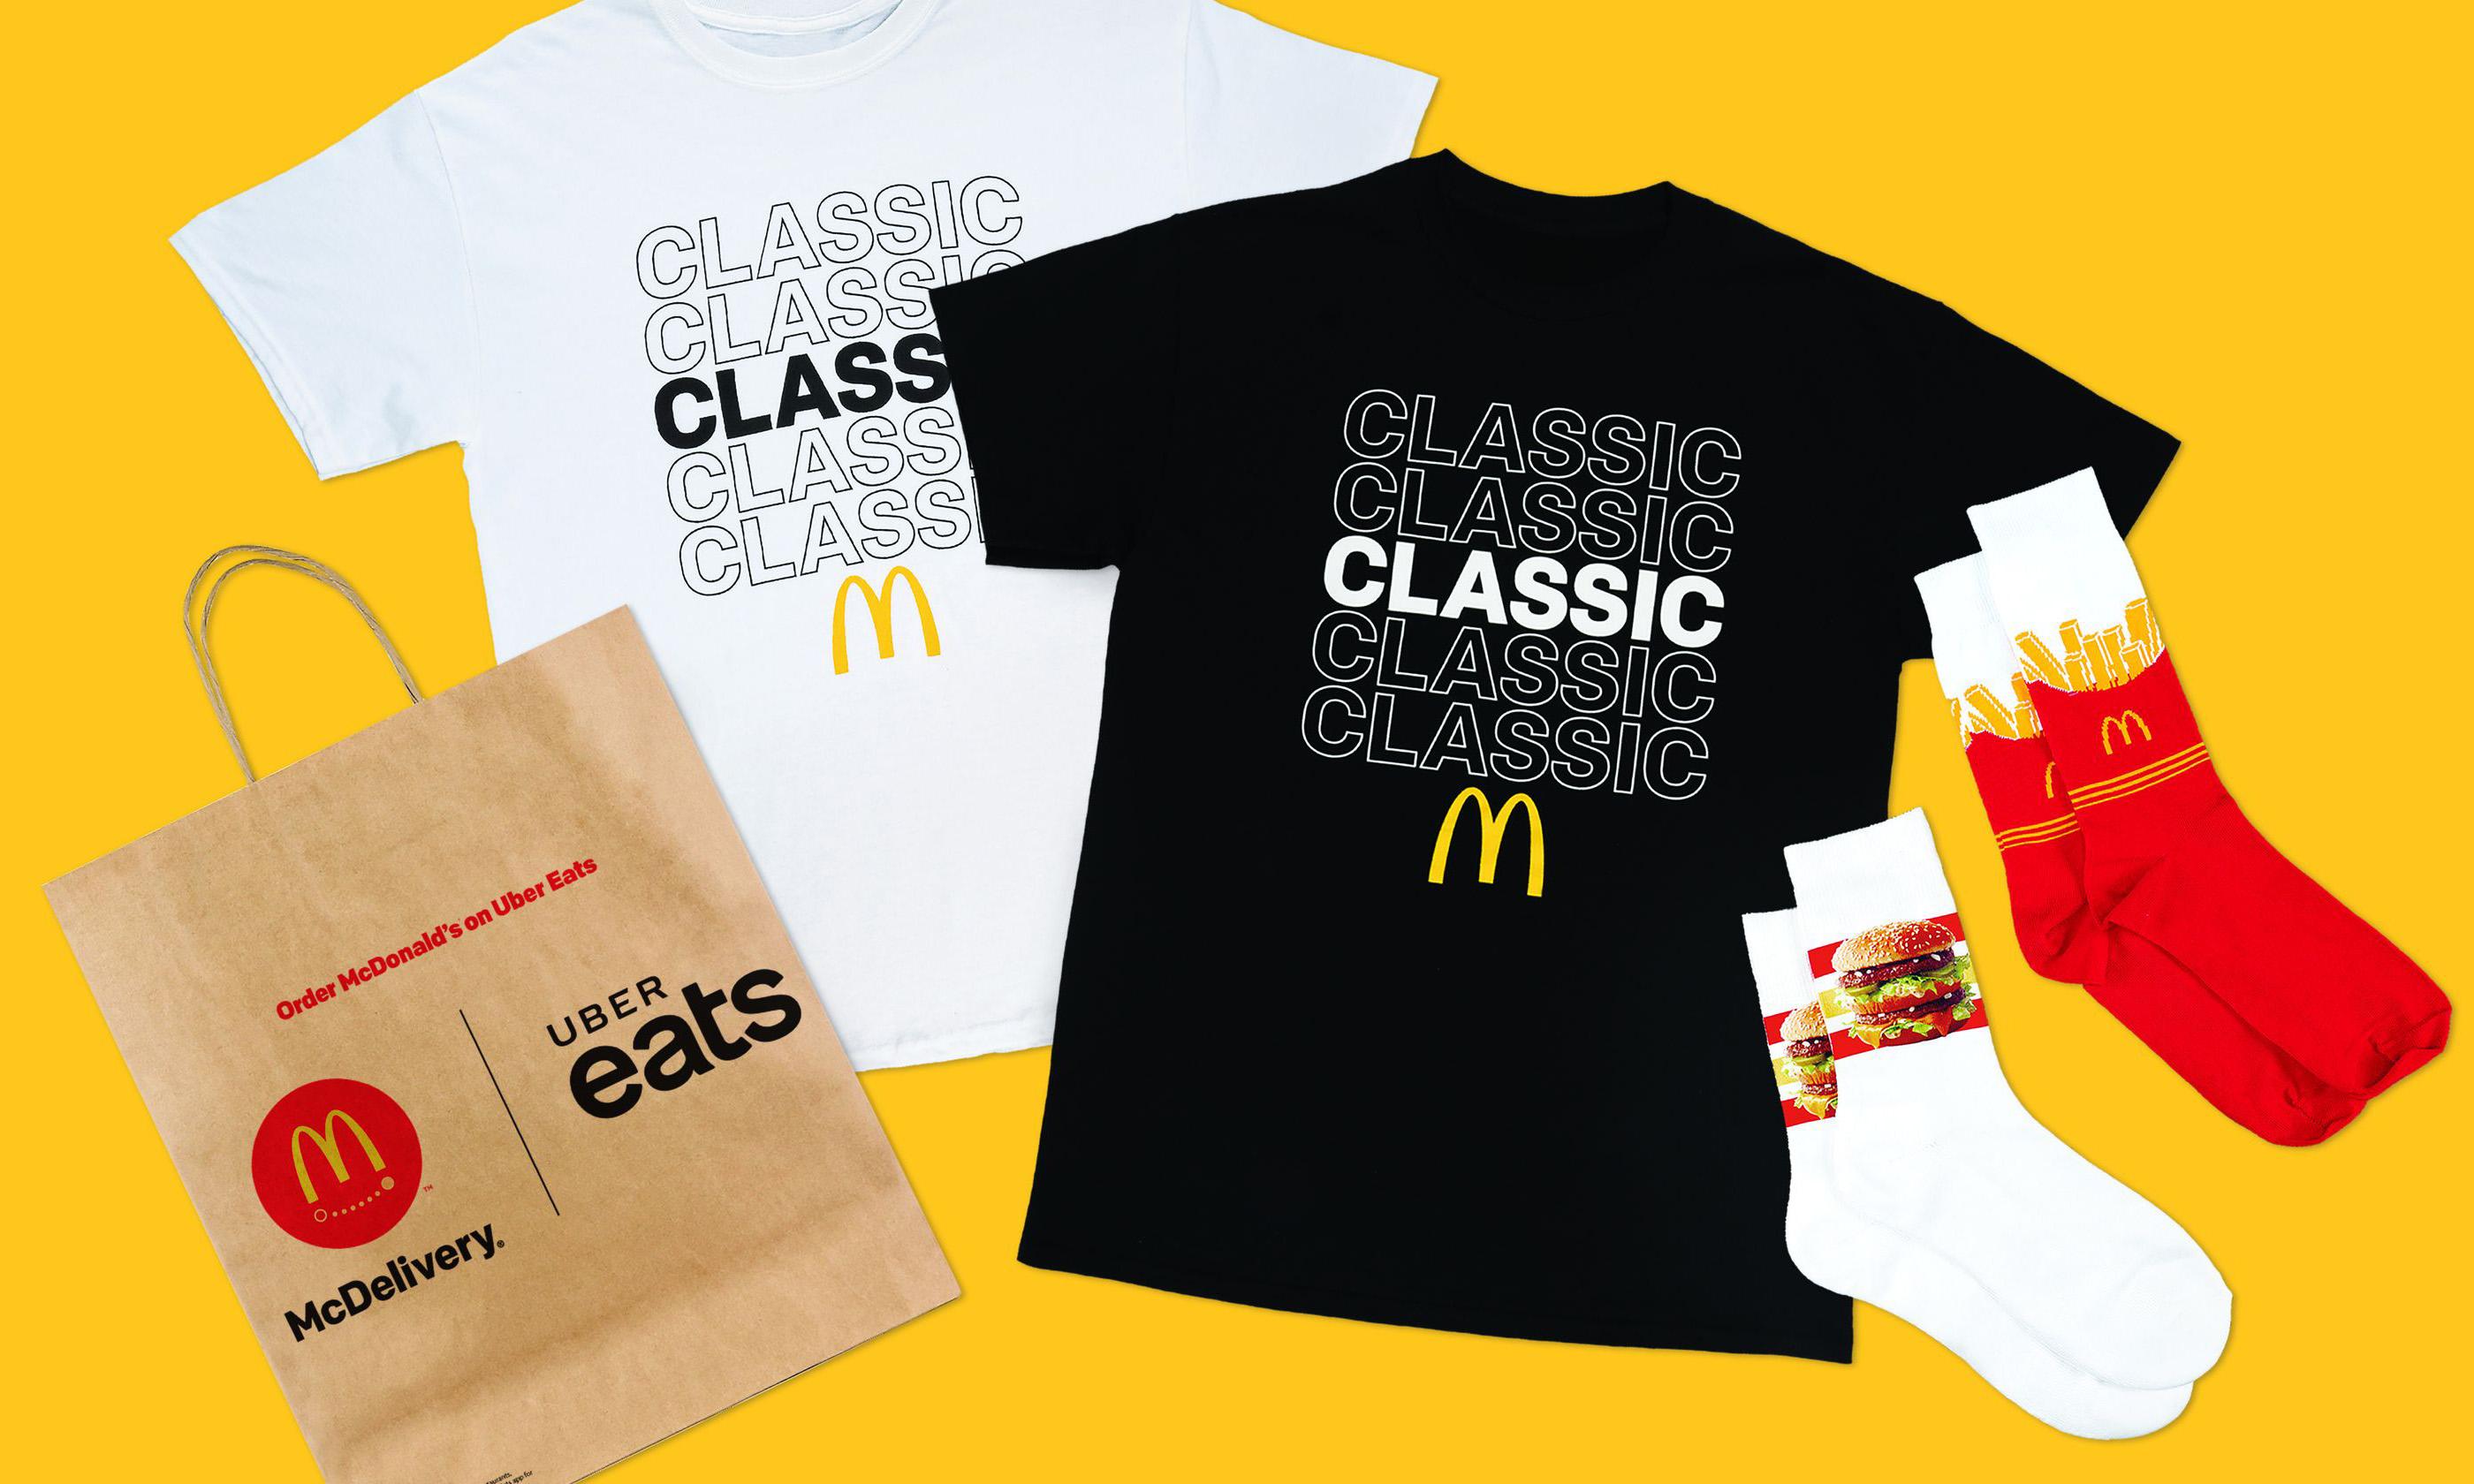 麦当劳是如何成为流行文化标杆的?